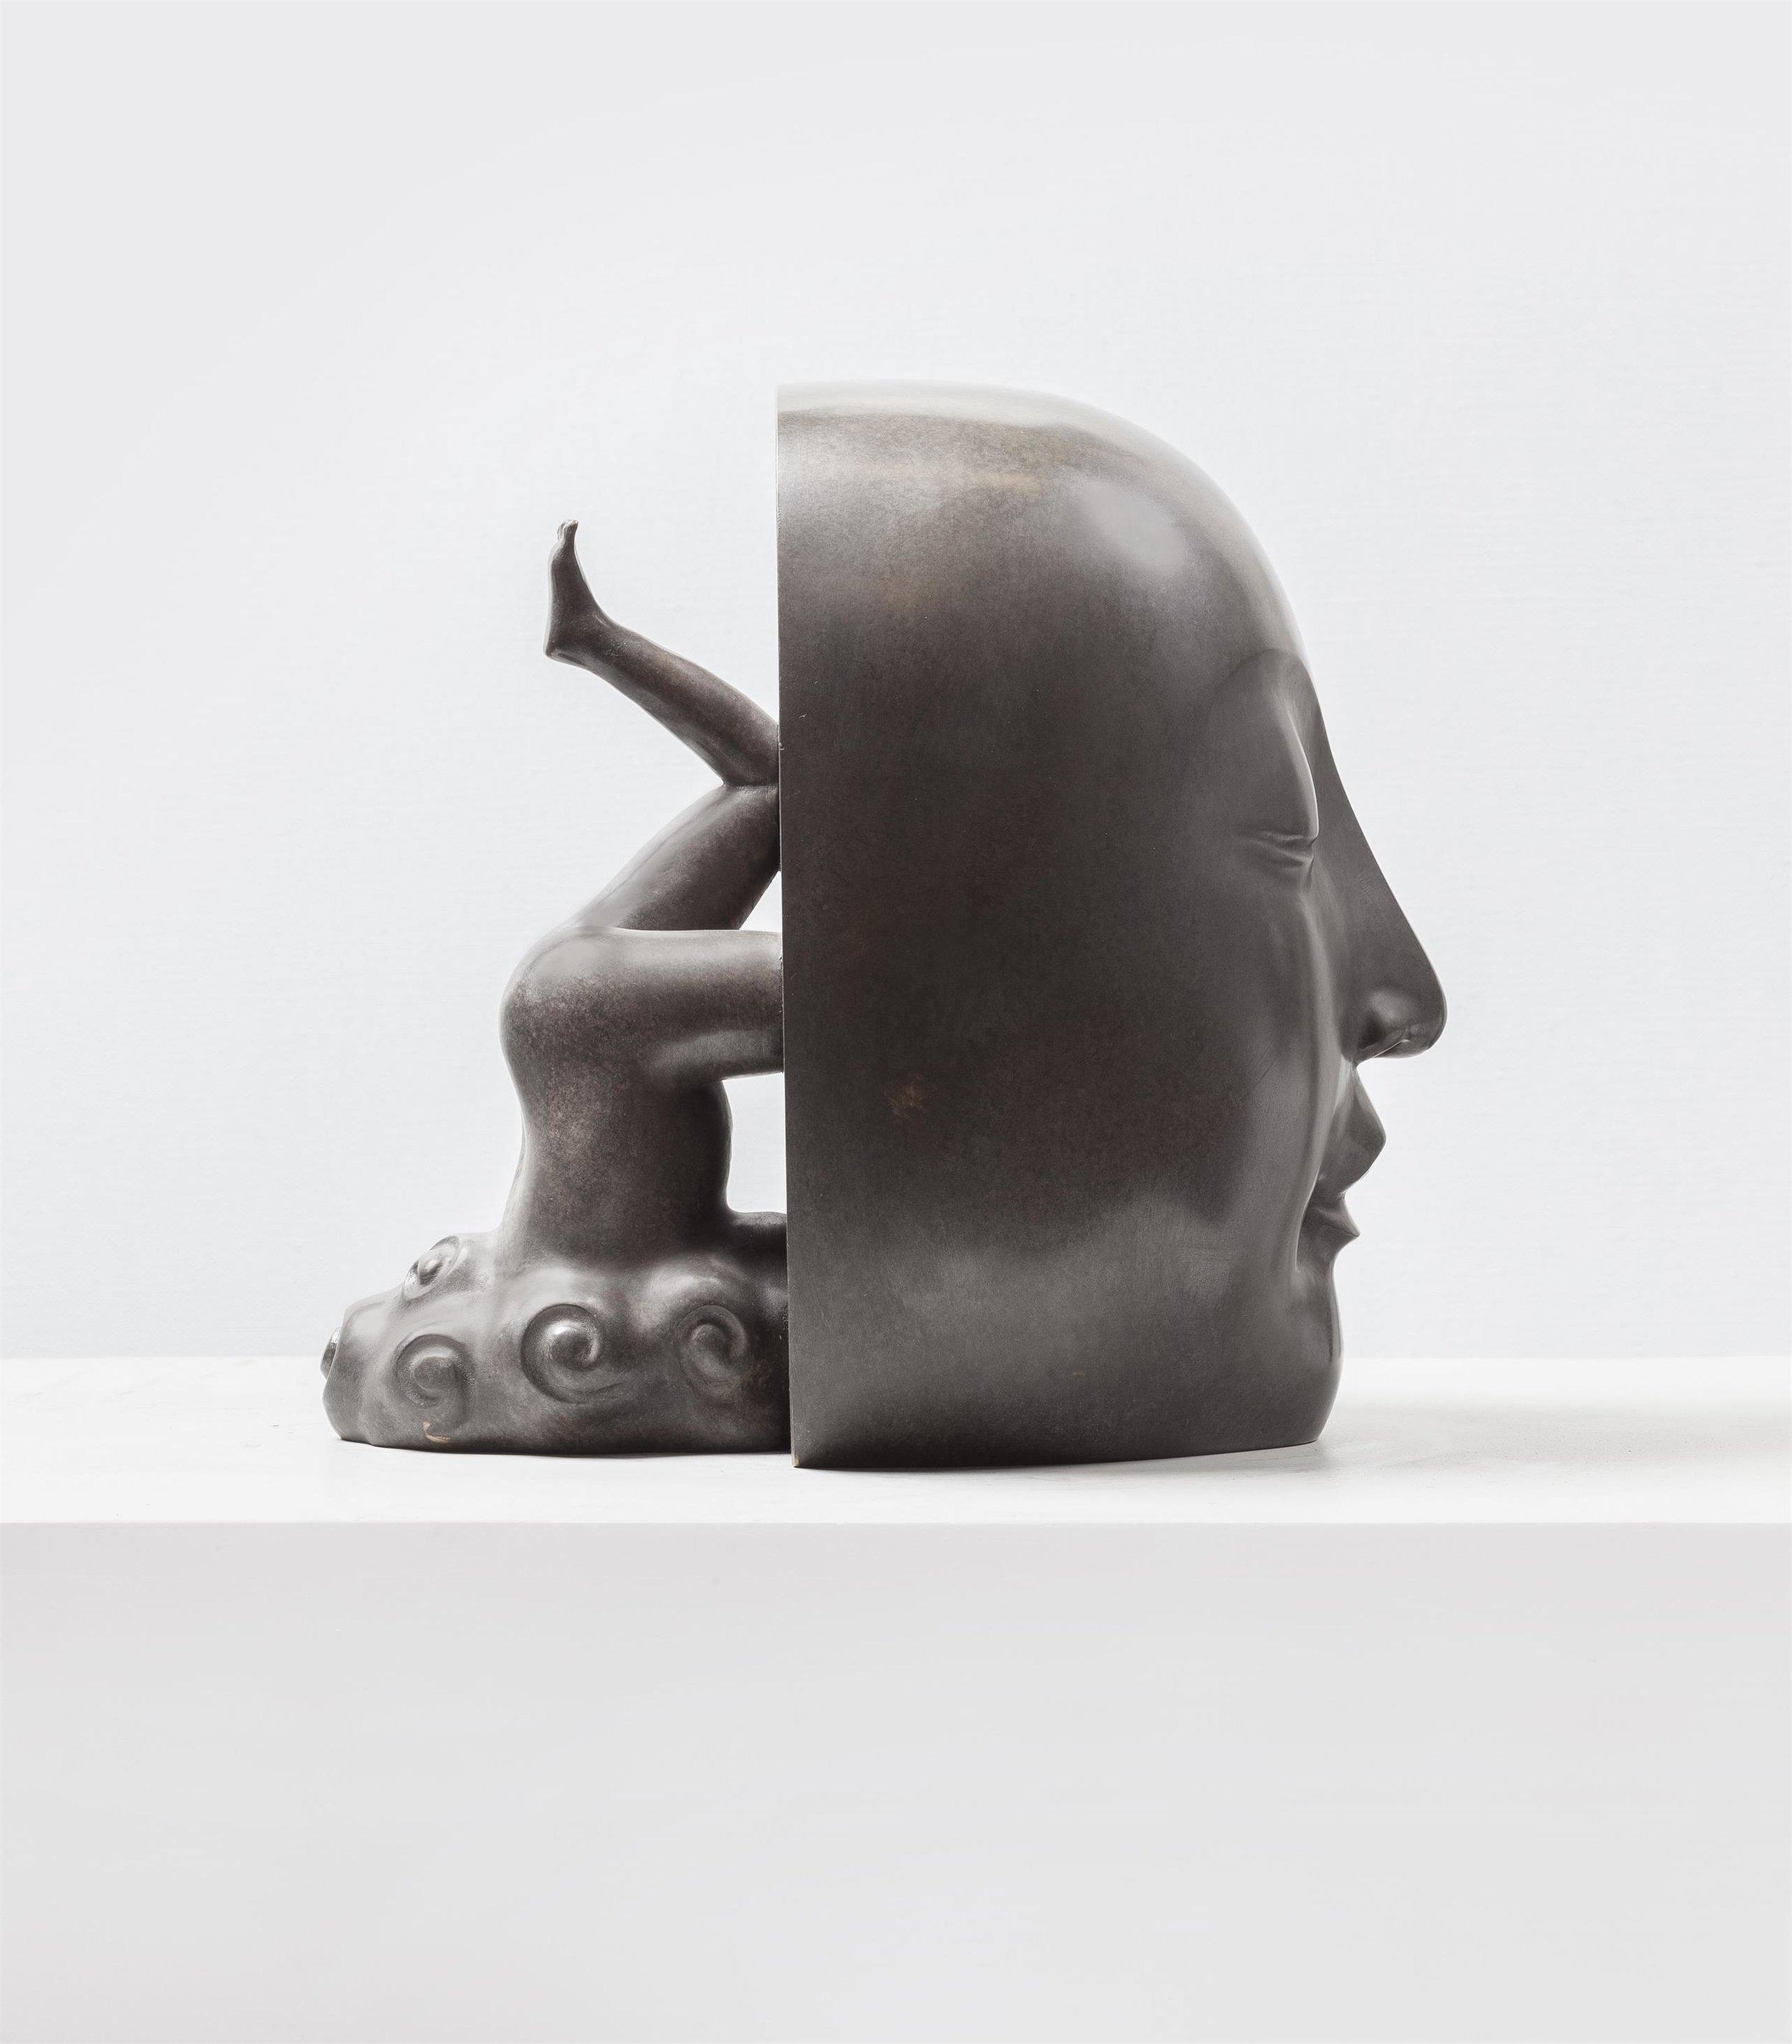 GUAN WEI   Salvation No.2  2015 bronze sculpture 29 x 23 x 28 cm